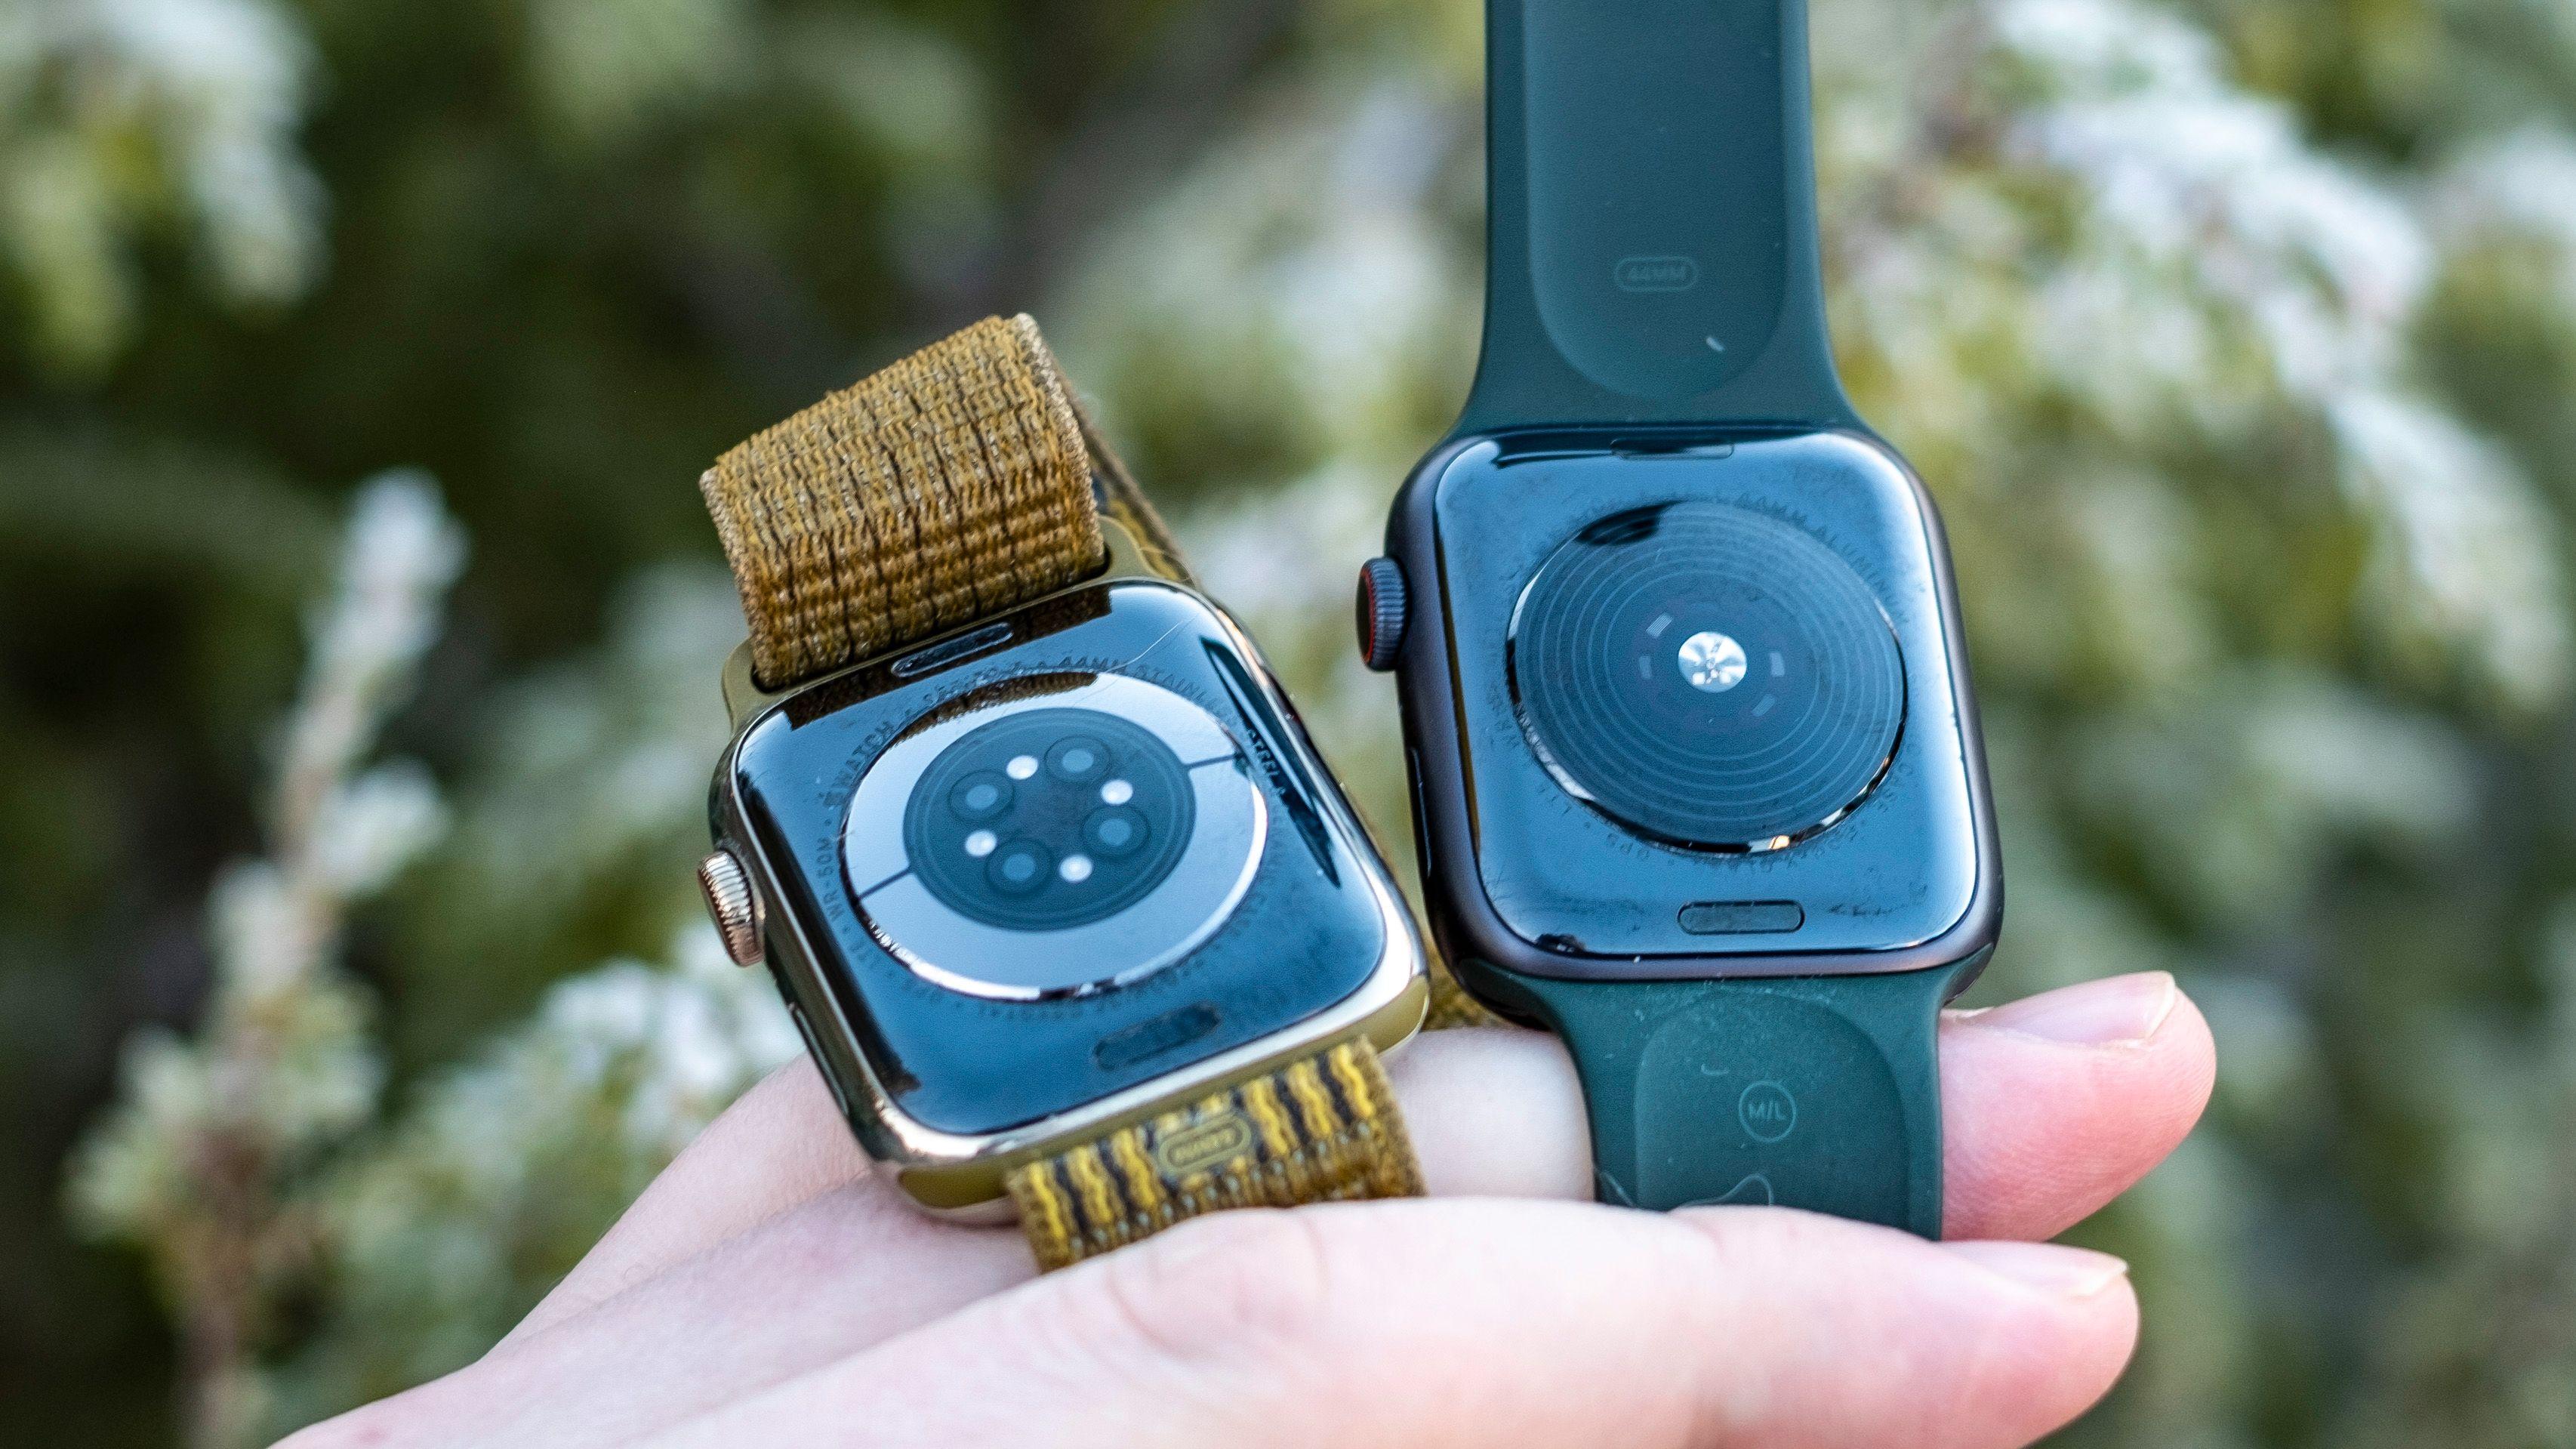 Pulssensoren i Watch SE er langt enklere enn den i series 6. På klokken til venstre ser du metalldelene som brukes for EKG-funksjonen og de ekstra sensorene som brukes til å måle oksygenmetning i blodet. Men disse sensorene er ikke så nøyaktige at du bør betale veldig mye ekstra bare for dem.